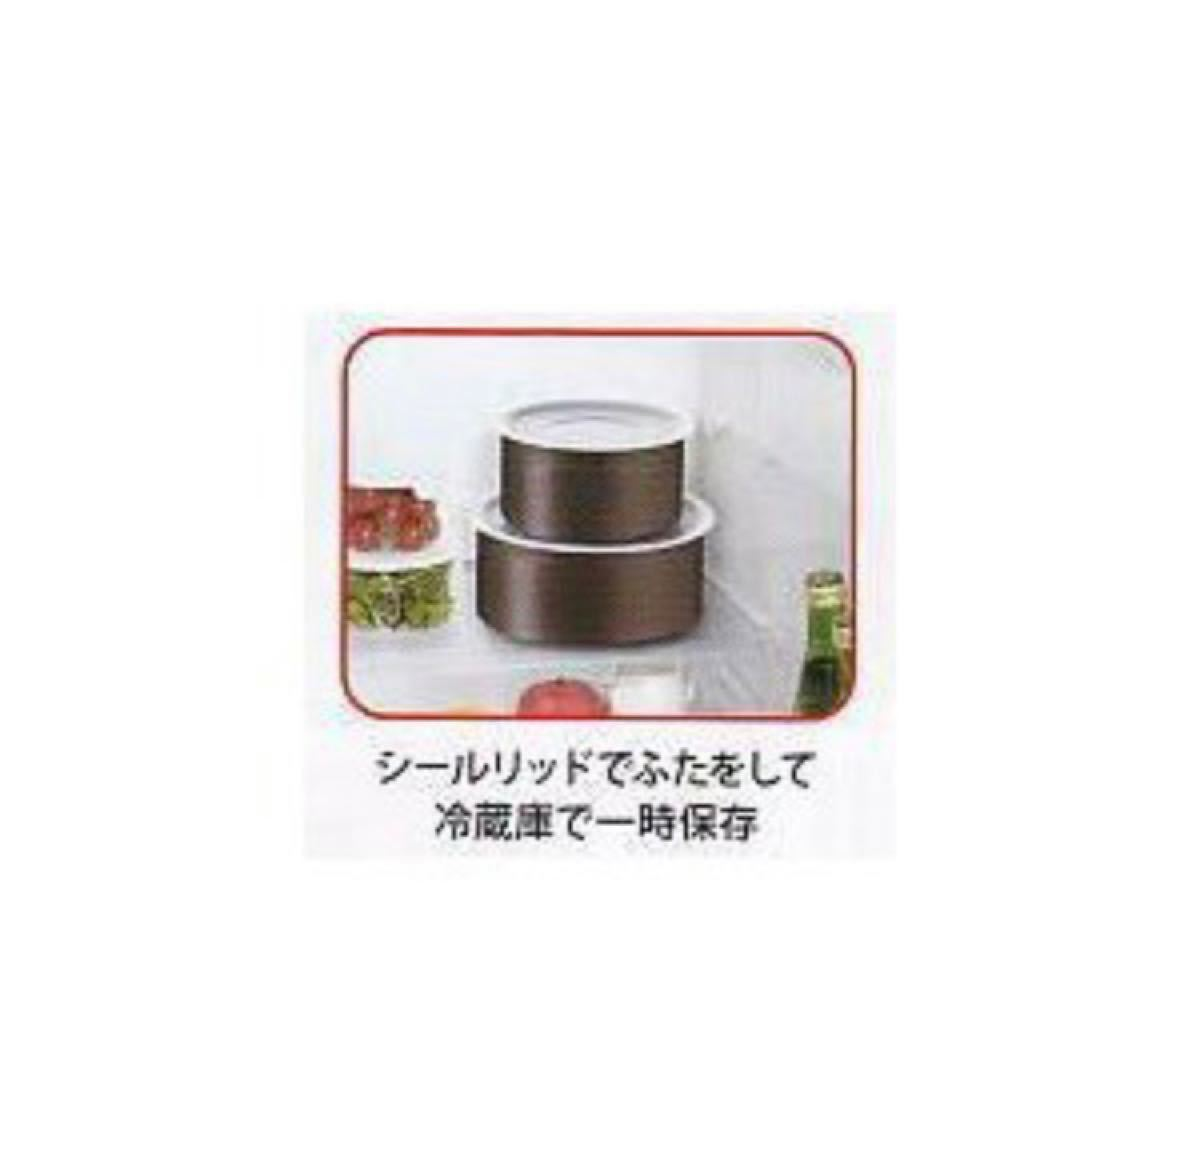 【未使用】ティファール T-fal インジニオネオ シールリッド 20センチ 20cm 蓋